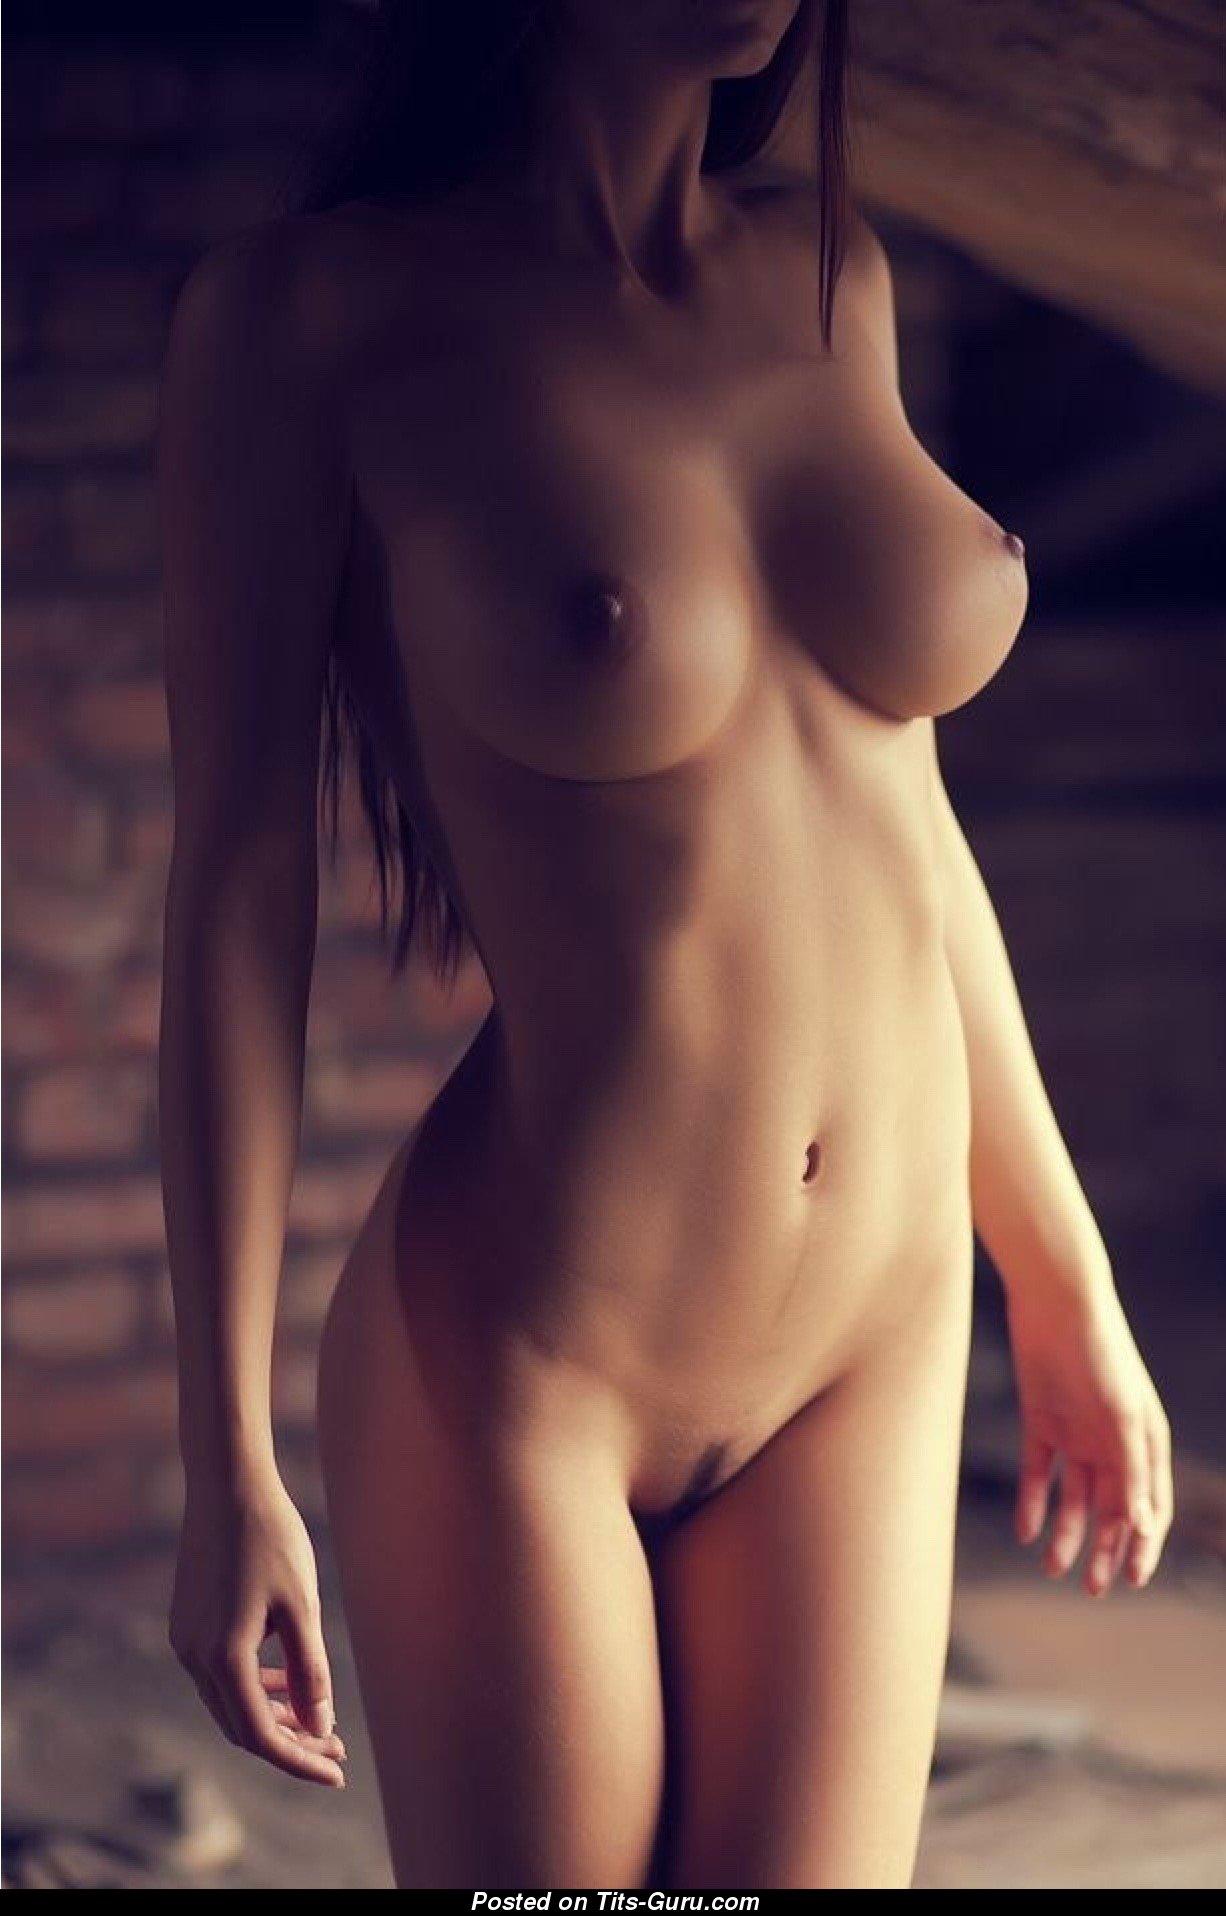 Самое Красивое Тело Девушки В Мире Обнаженное